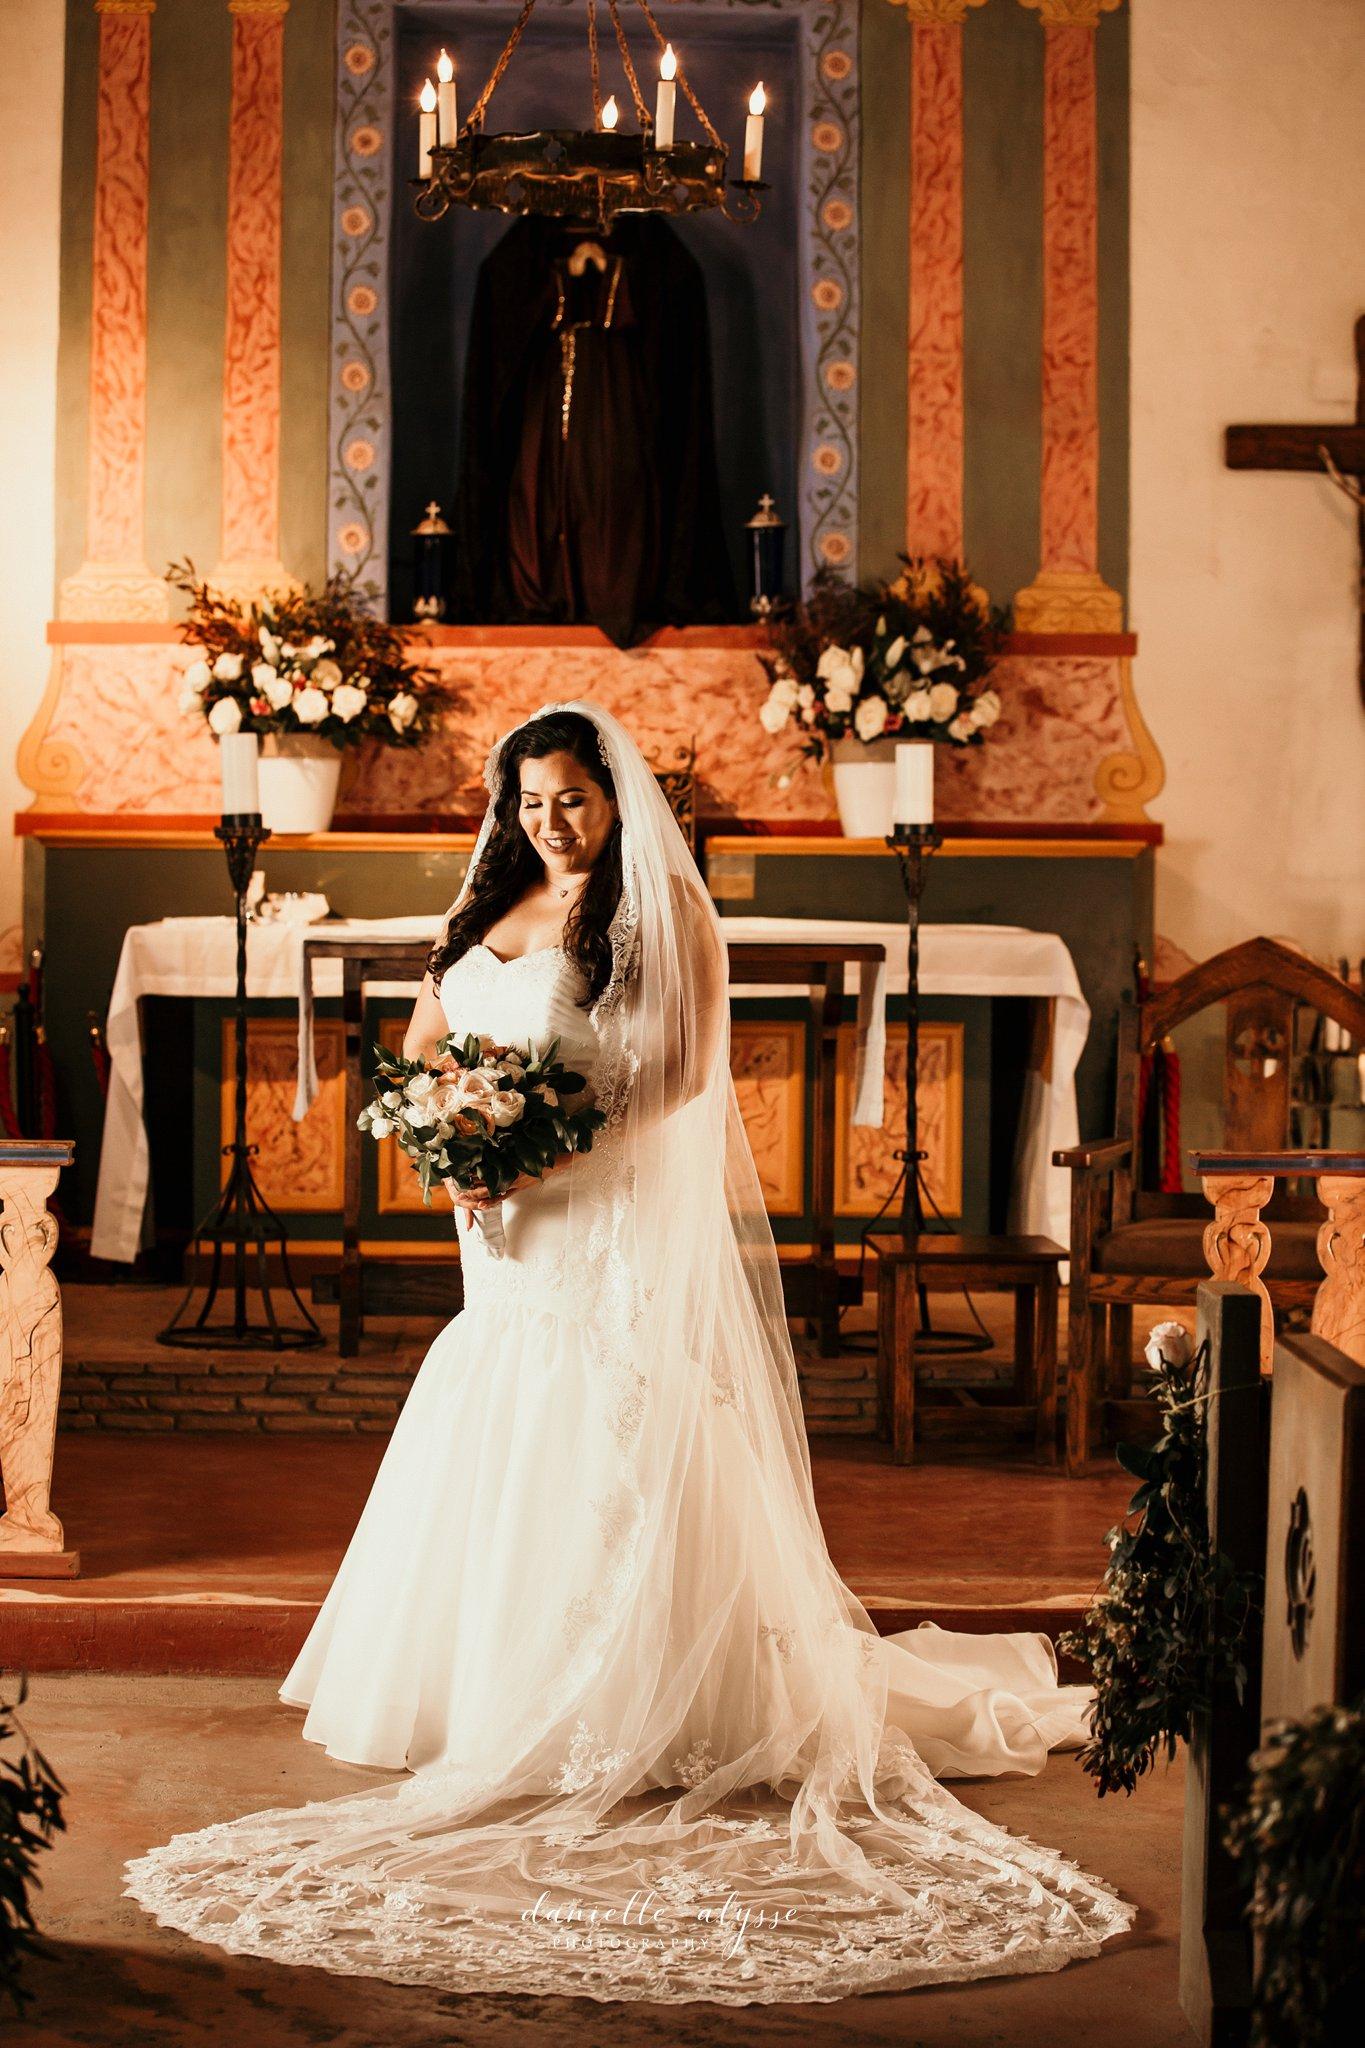 180630_wedding_lily_ryan_mission_soledad_california_danielle_alysse_photography_blog_232_WEB.jpg